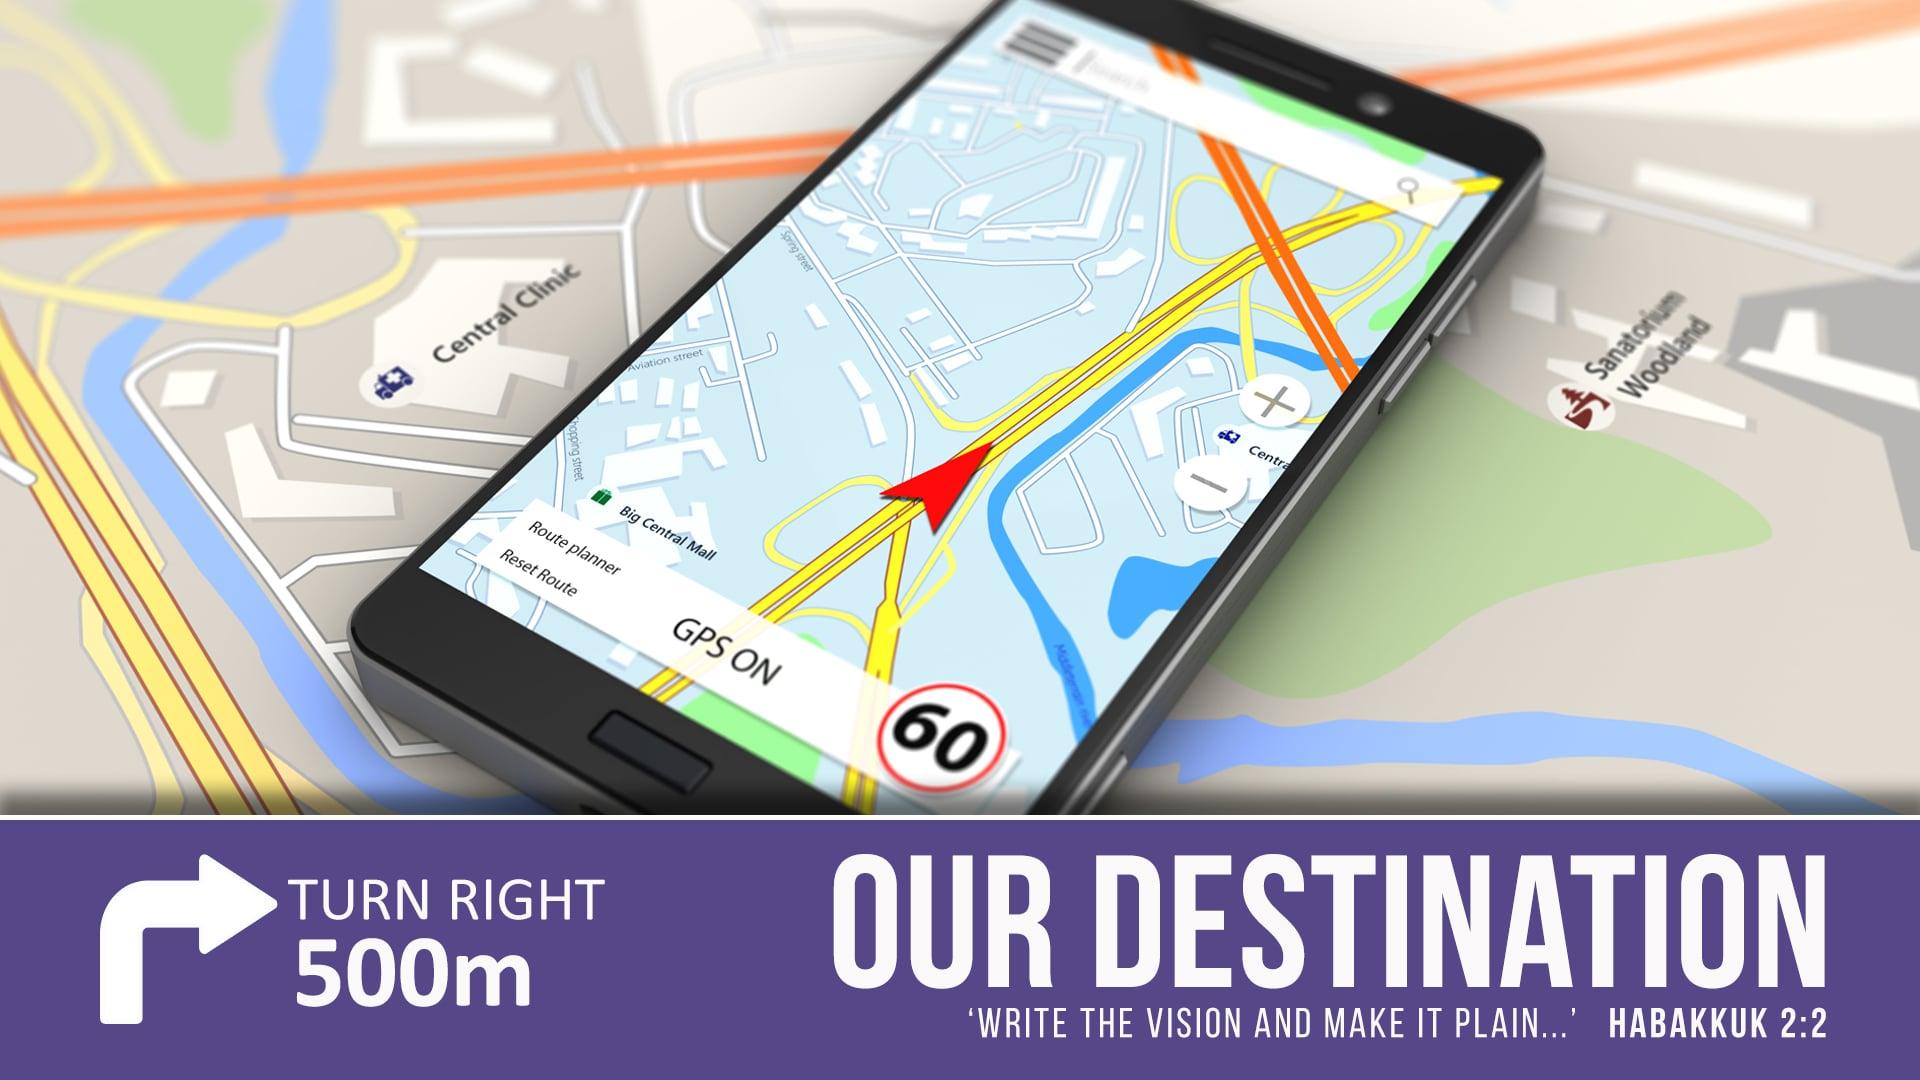 Our Destination - Part 2